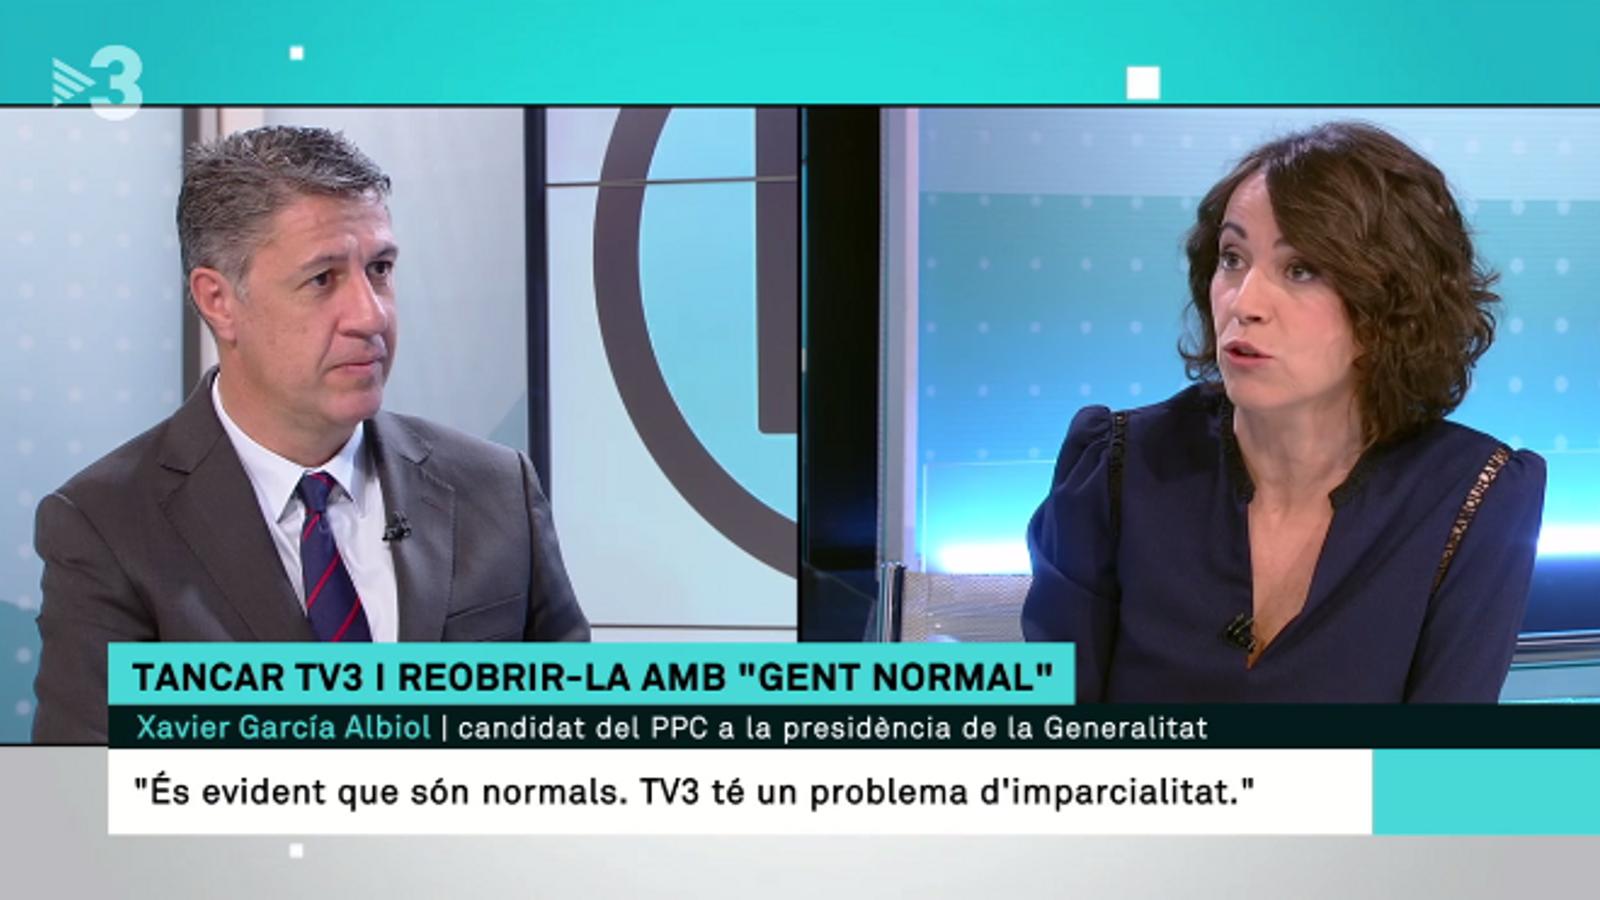 Batalla dialèctica entre Lídia Heredia i Albiol sobre la imparcialitat de TV3